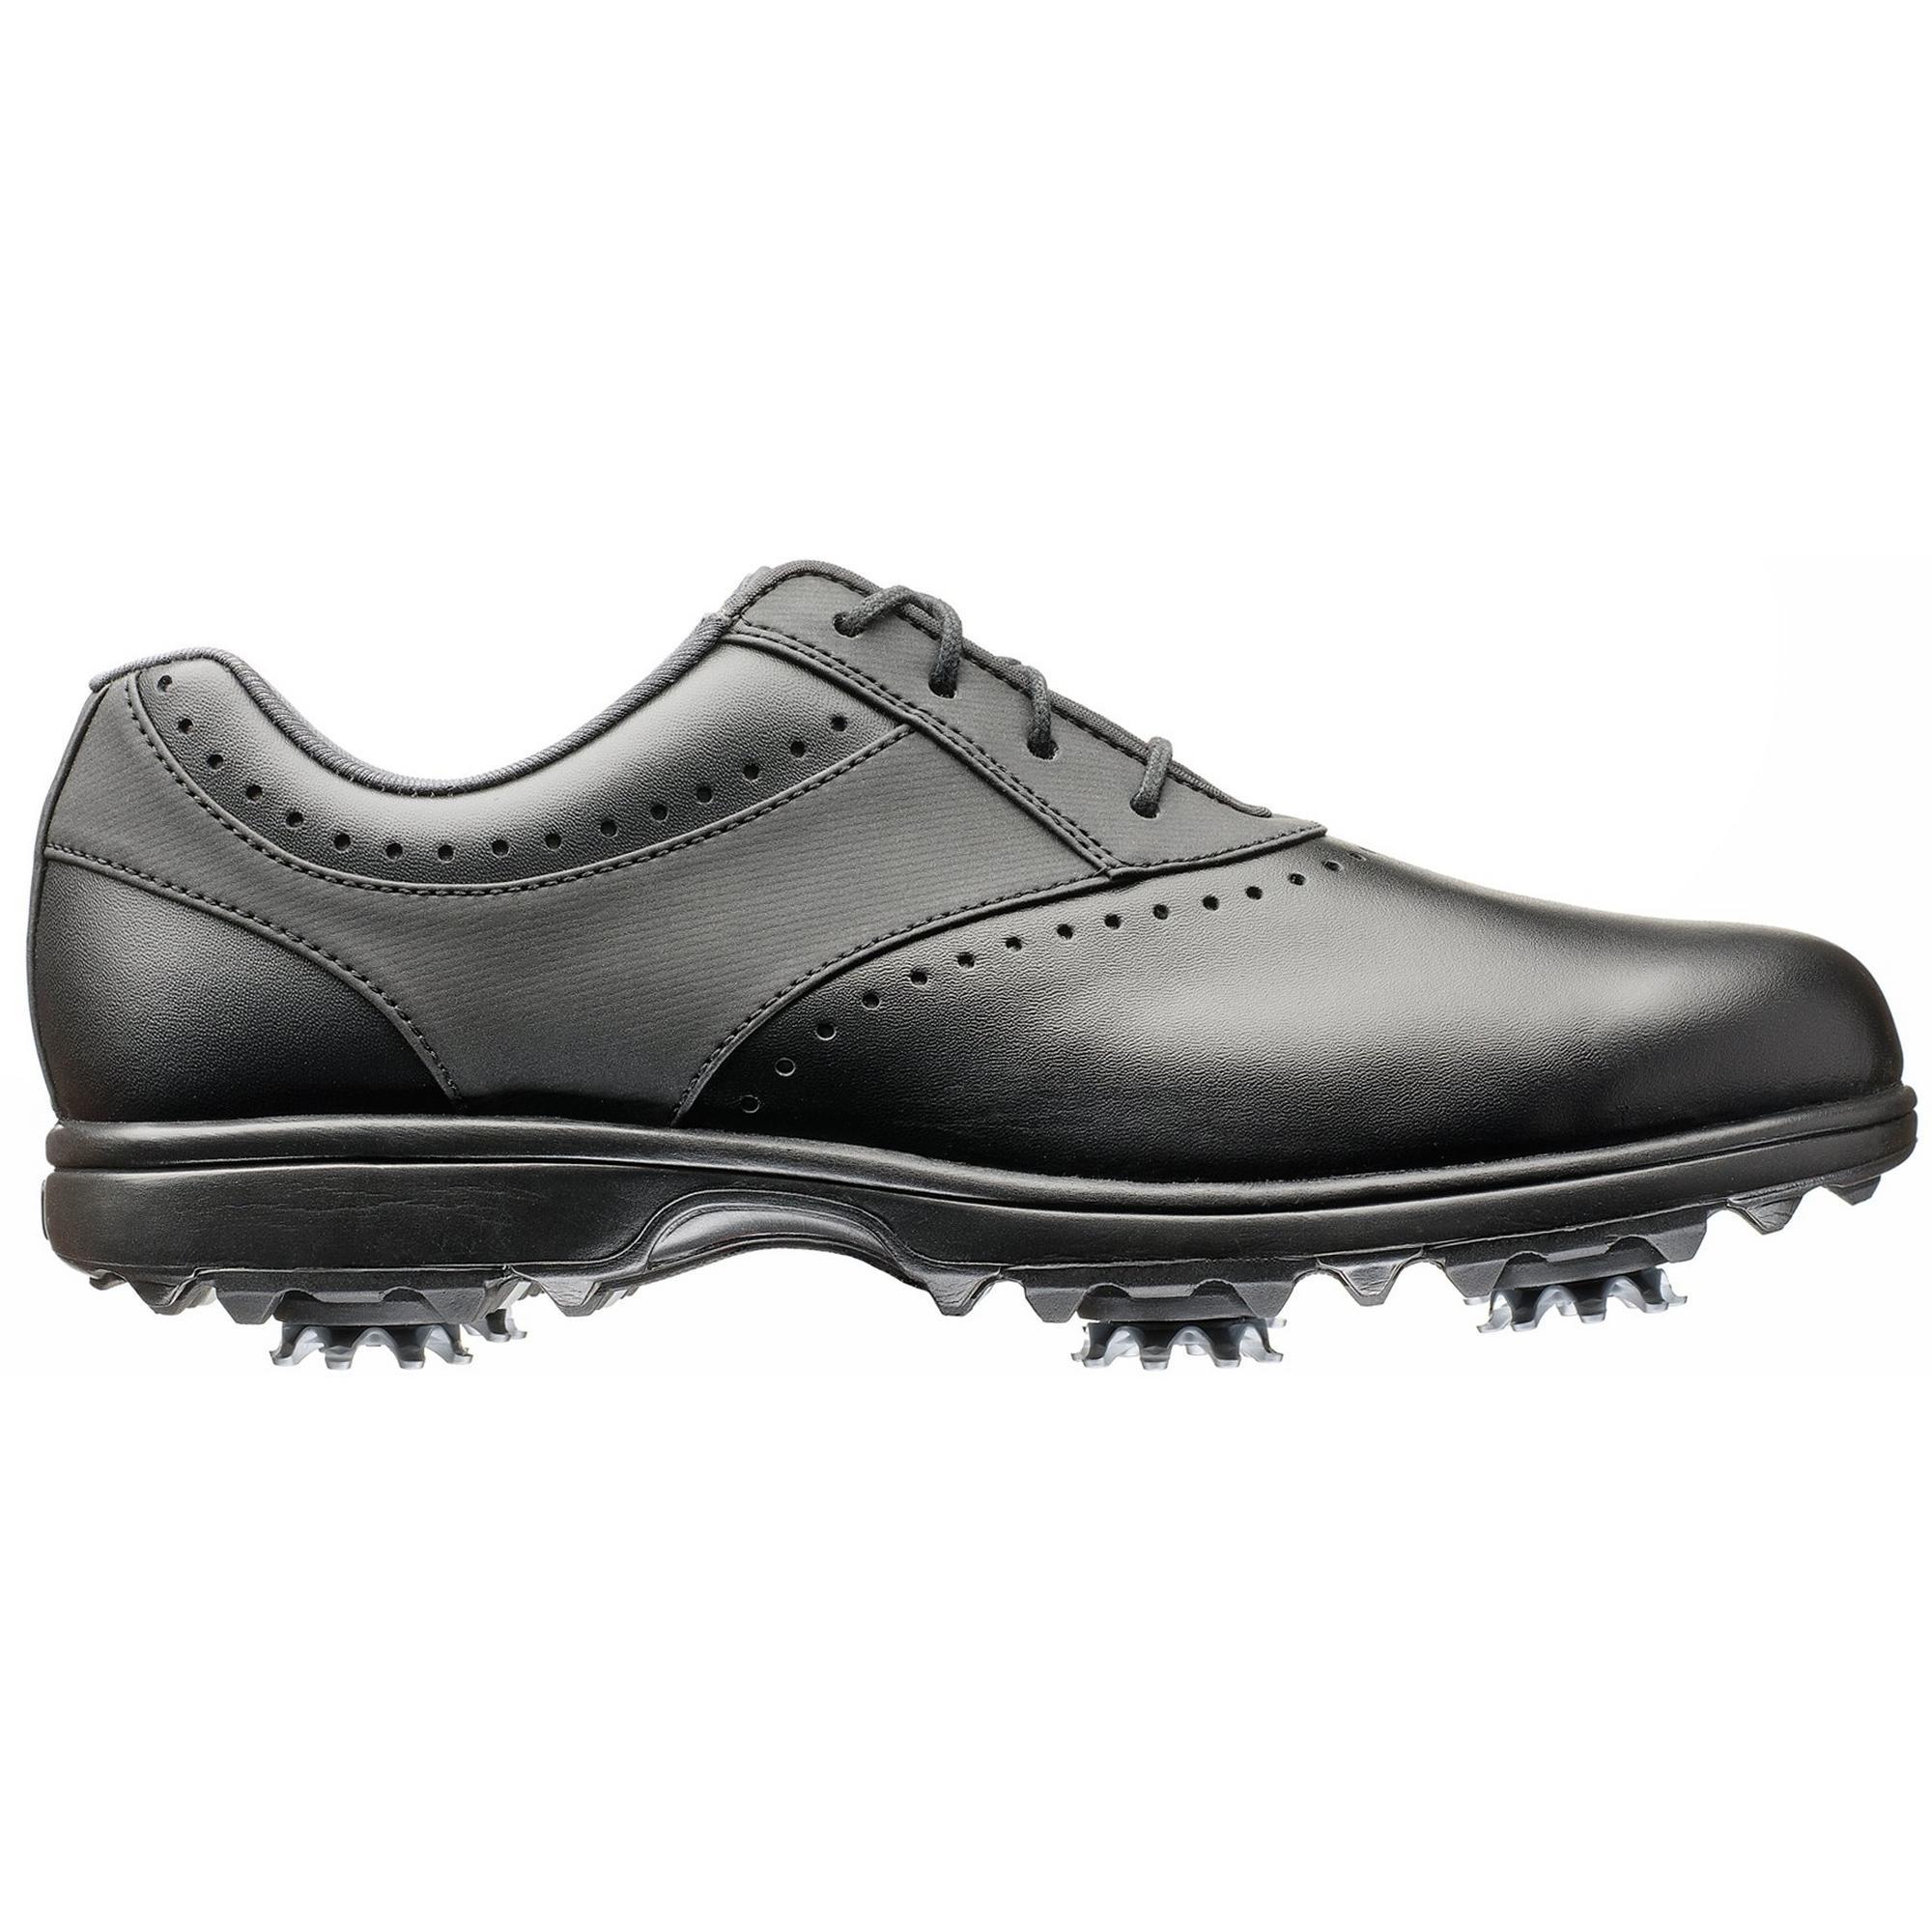 Chaussures eMERGE à crampons pour femmes